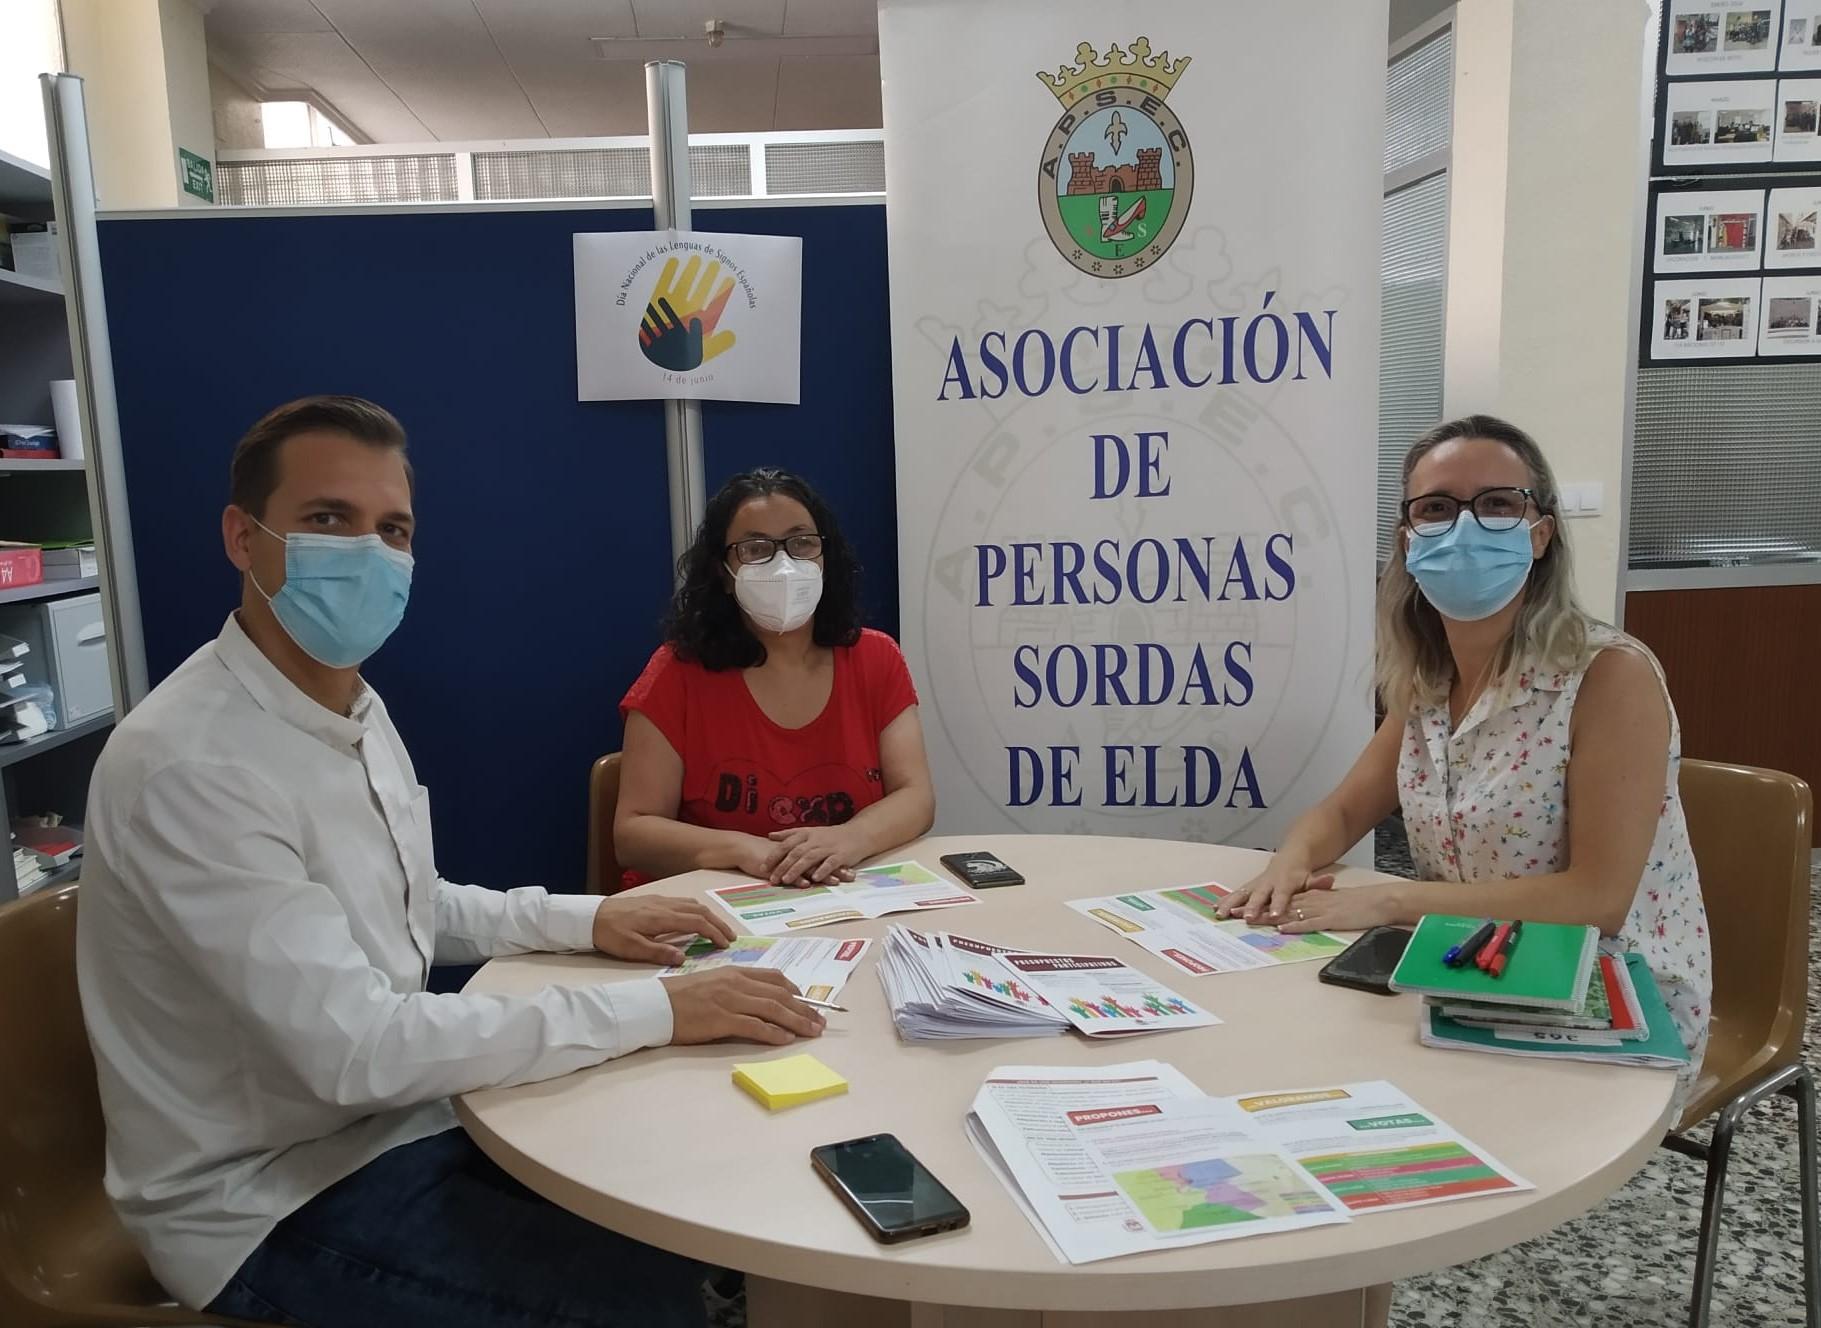 El Ayuntamiento da a conocer los Presupuestos Participativos a representantes de la Asociación de Personas Sordas de Elda y Comarca